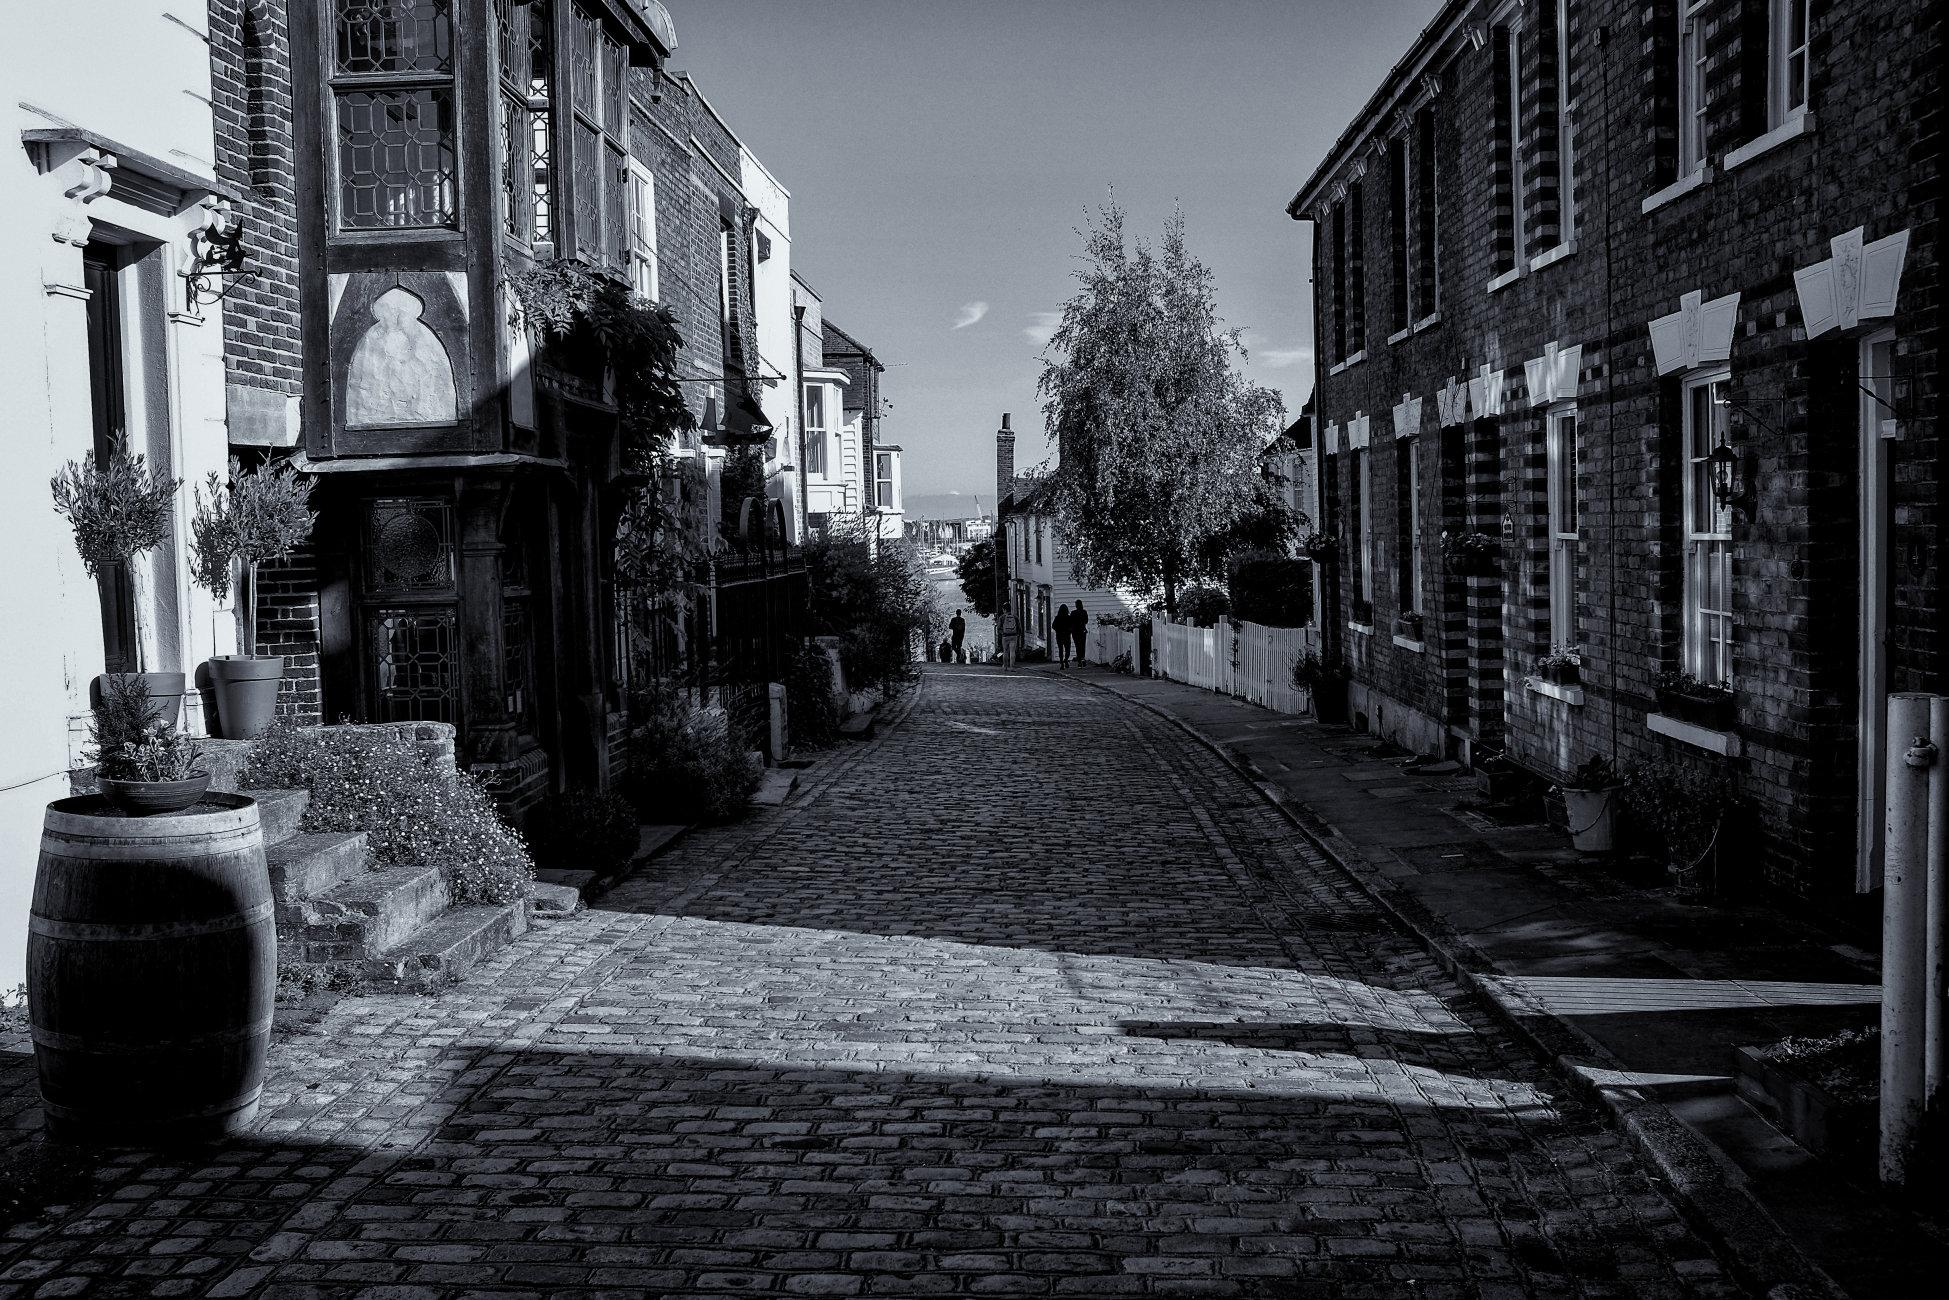 Upper Upnor Village High Street